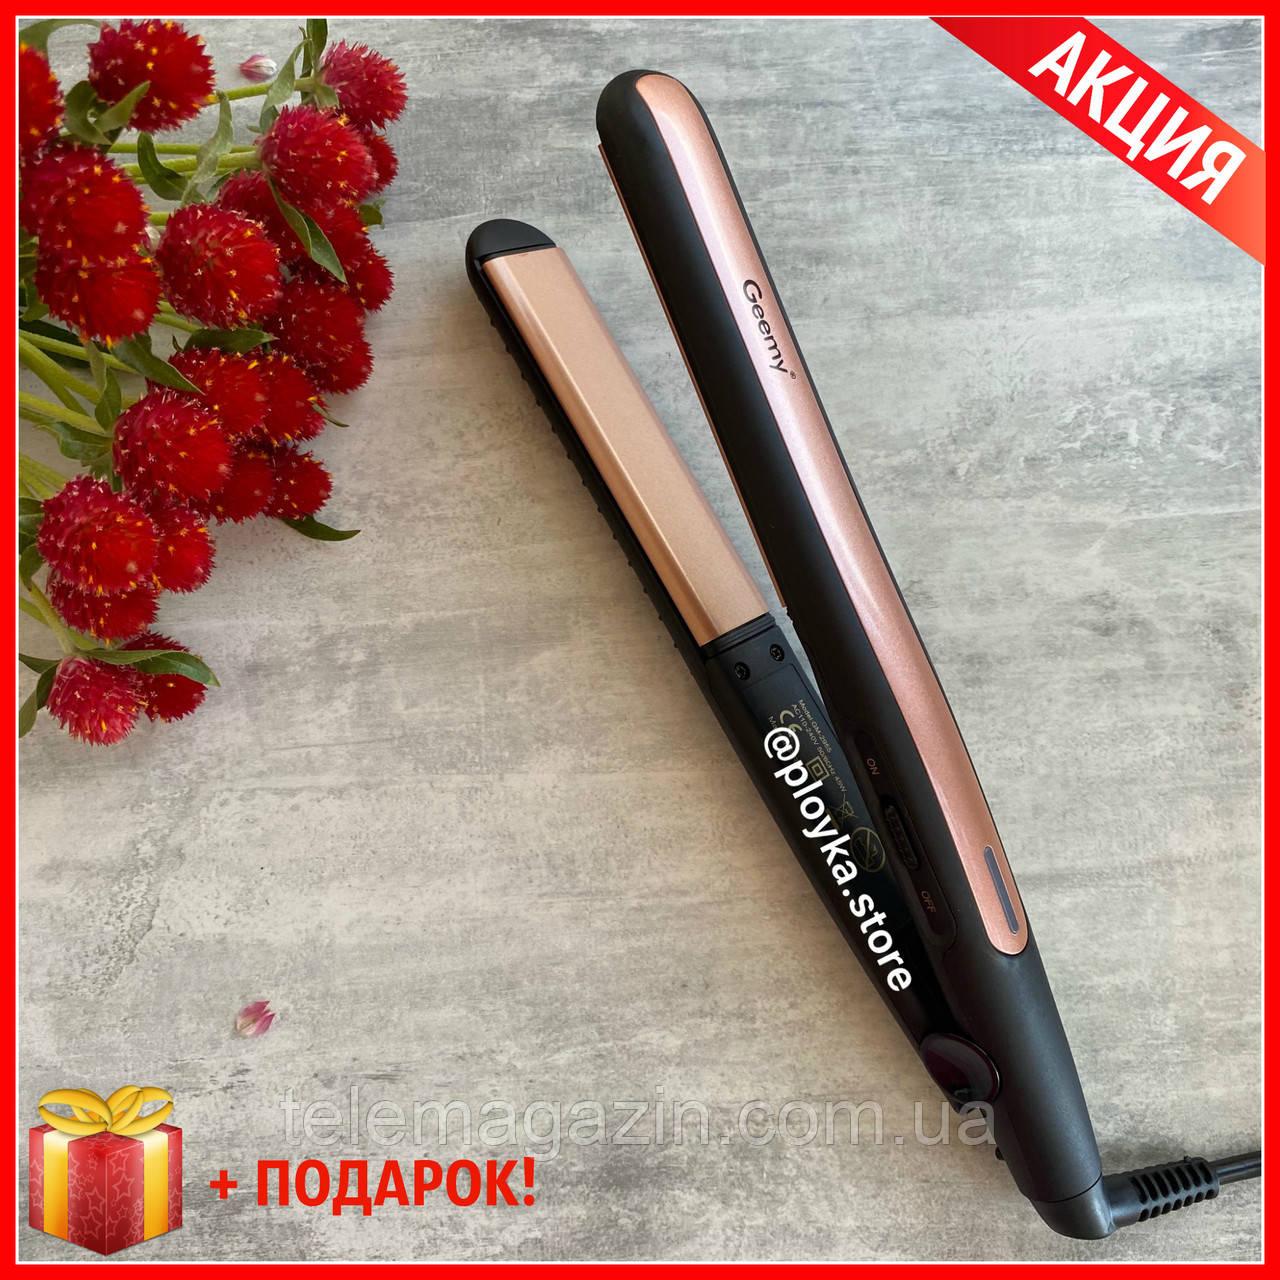 Утюжок для волос Geemy GM-2955 ОРИГИНАЛ Выпрямитель + Подарок